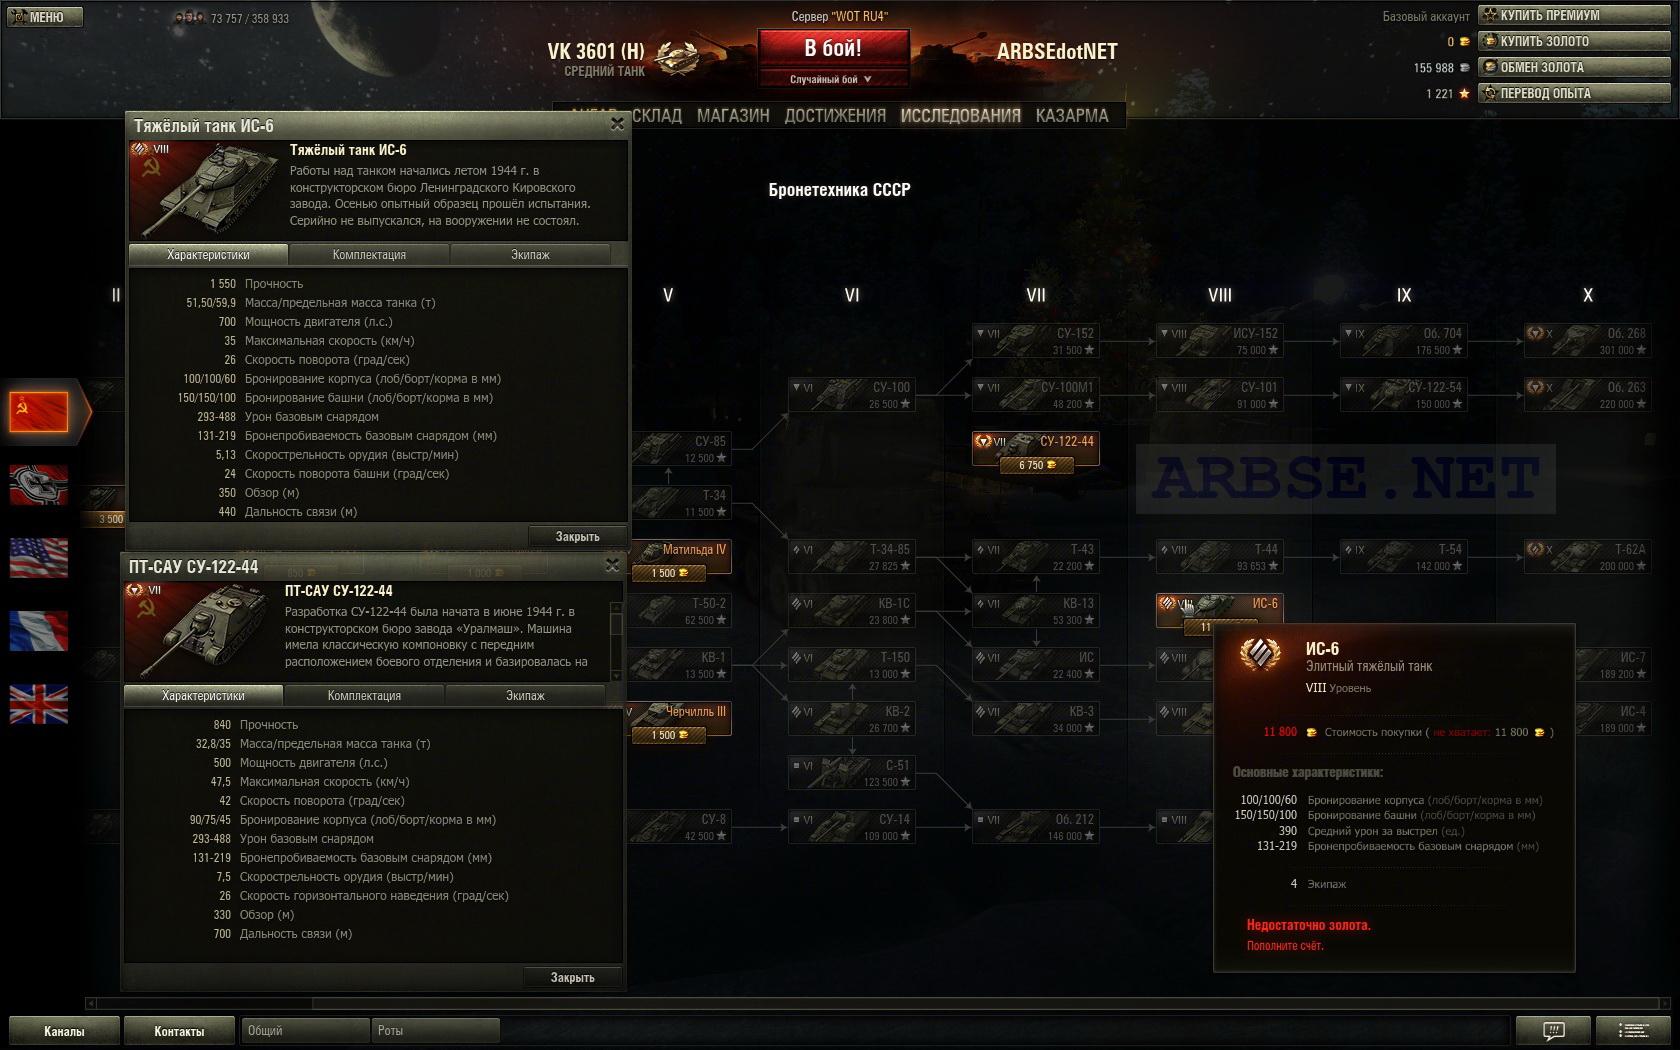 Как сделать много денег в world of tanks без читов